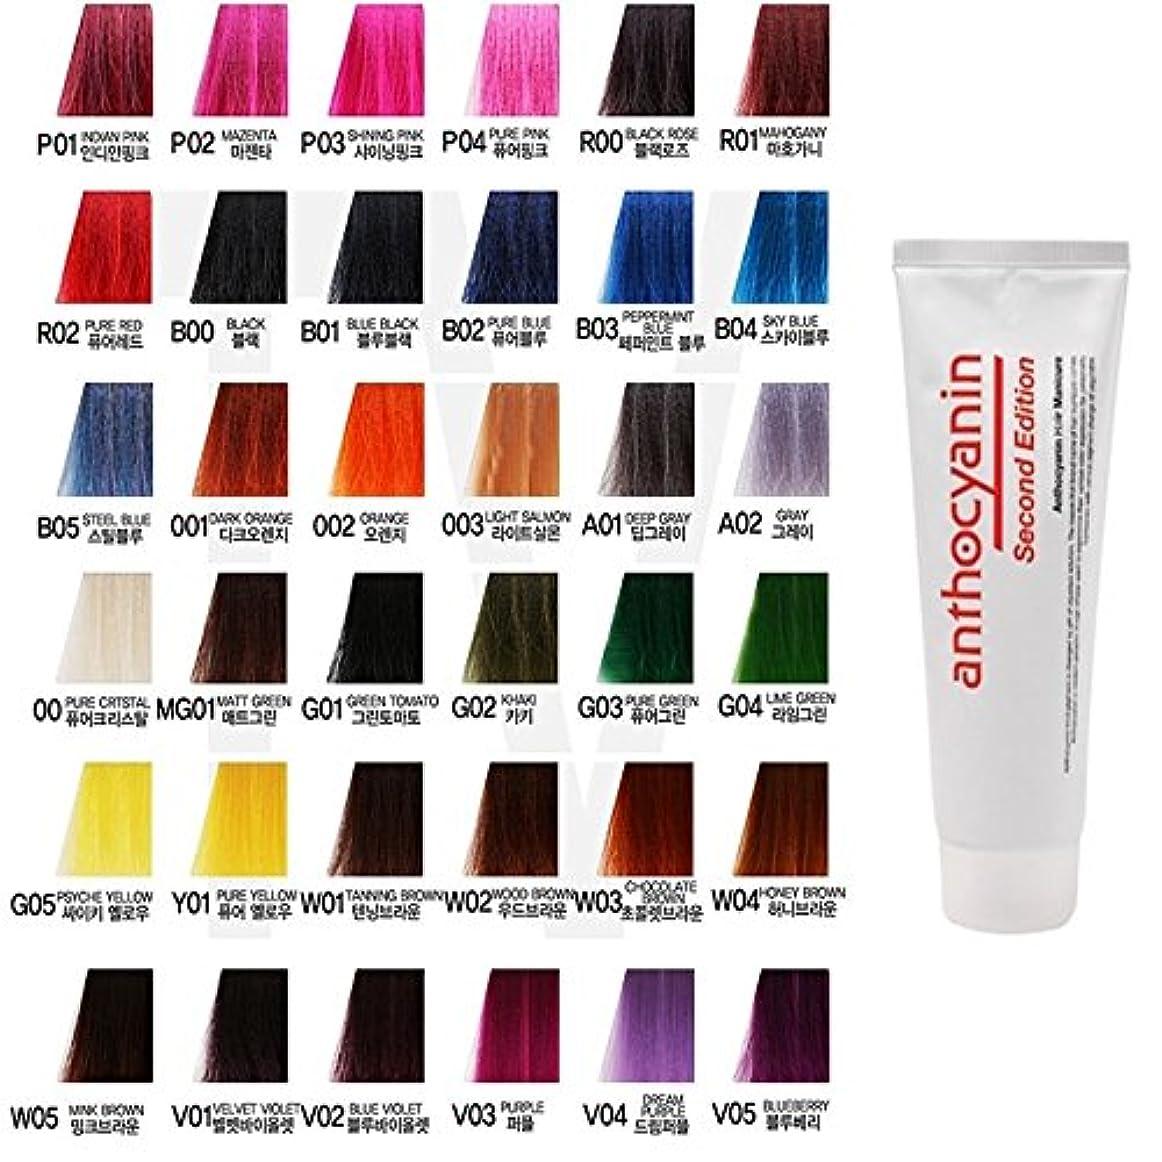 住人繊毛一般的なヘア マニキュア カラー セカンド エディション 230g セミ パーマネント 染毛剤 ( Hair Manicure Color Second Edition 230g Semi Permanent Hair Dye) [並行輸入品] (O12 Coral Orange)